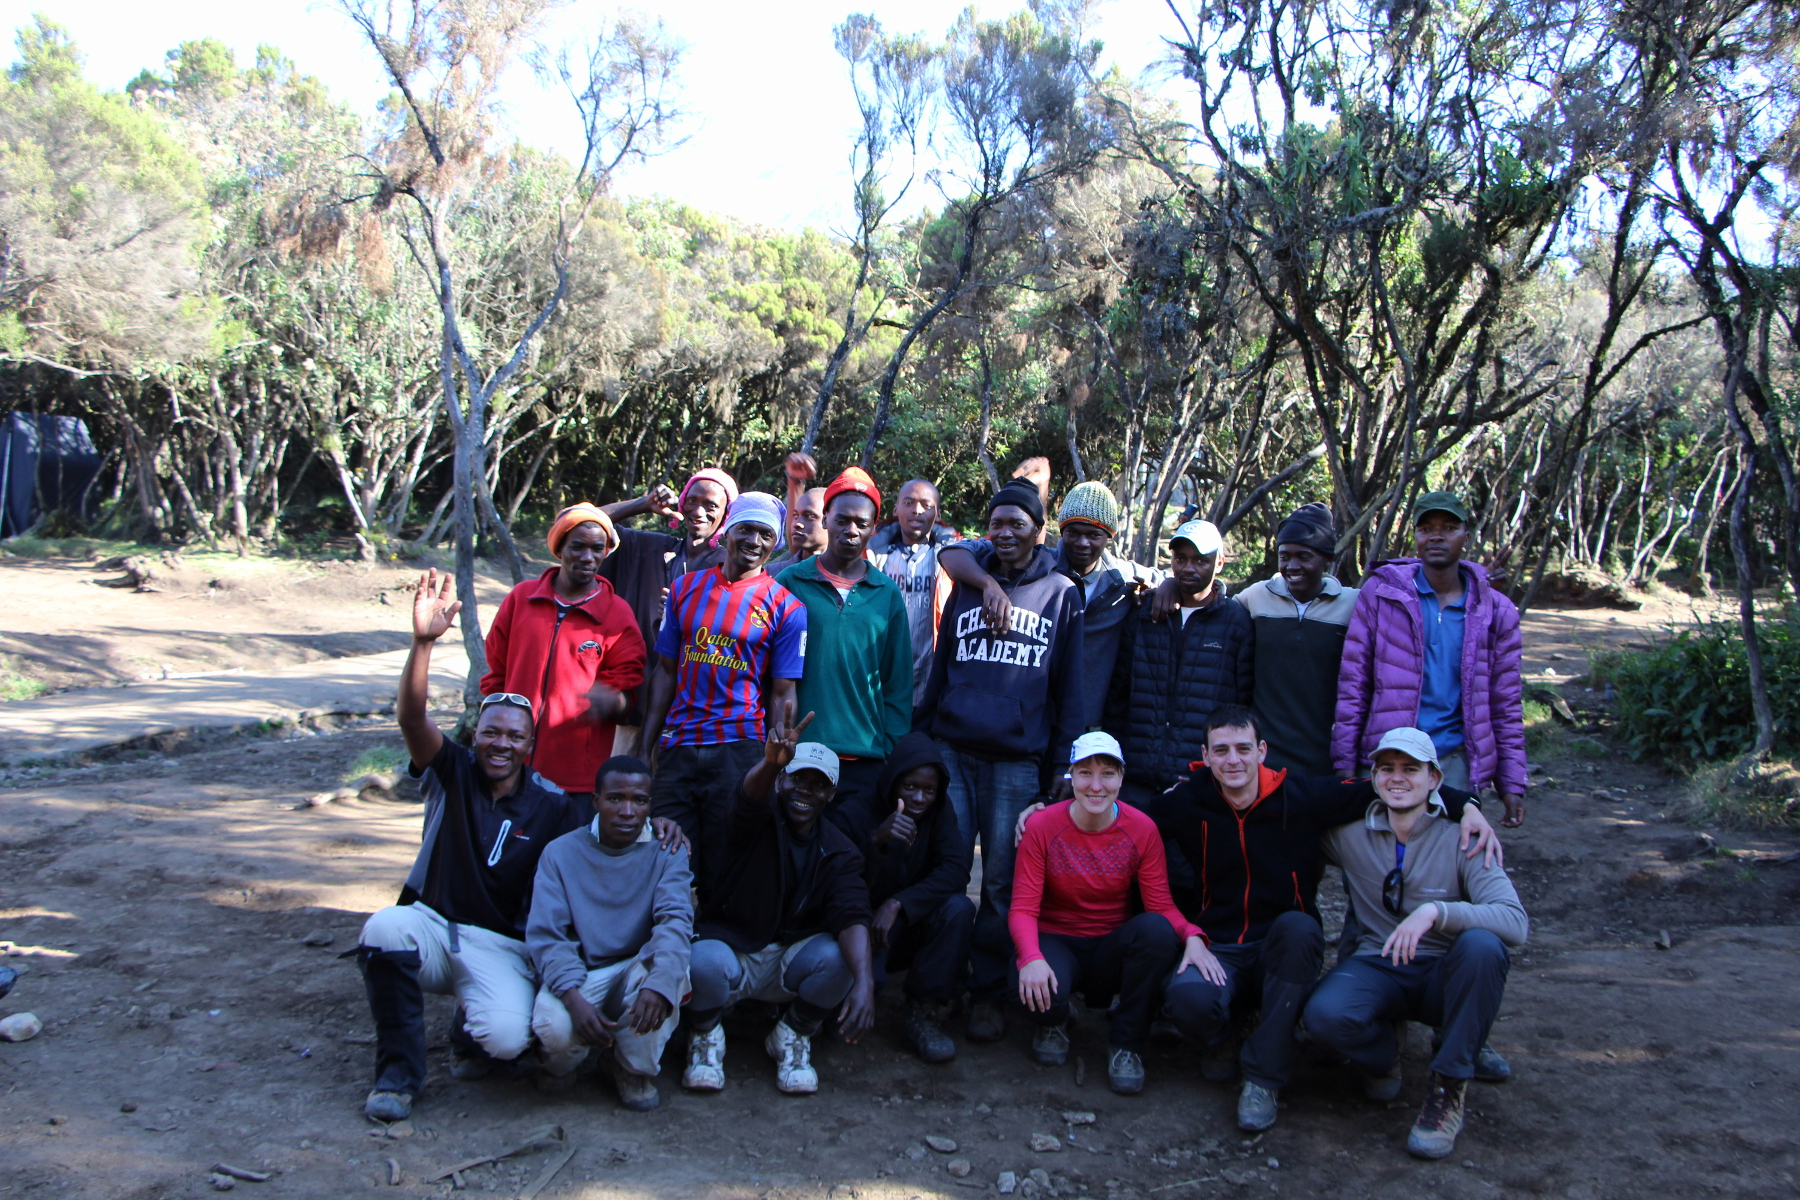 kilimanjaro team